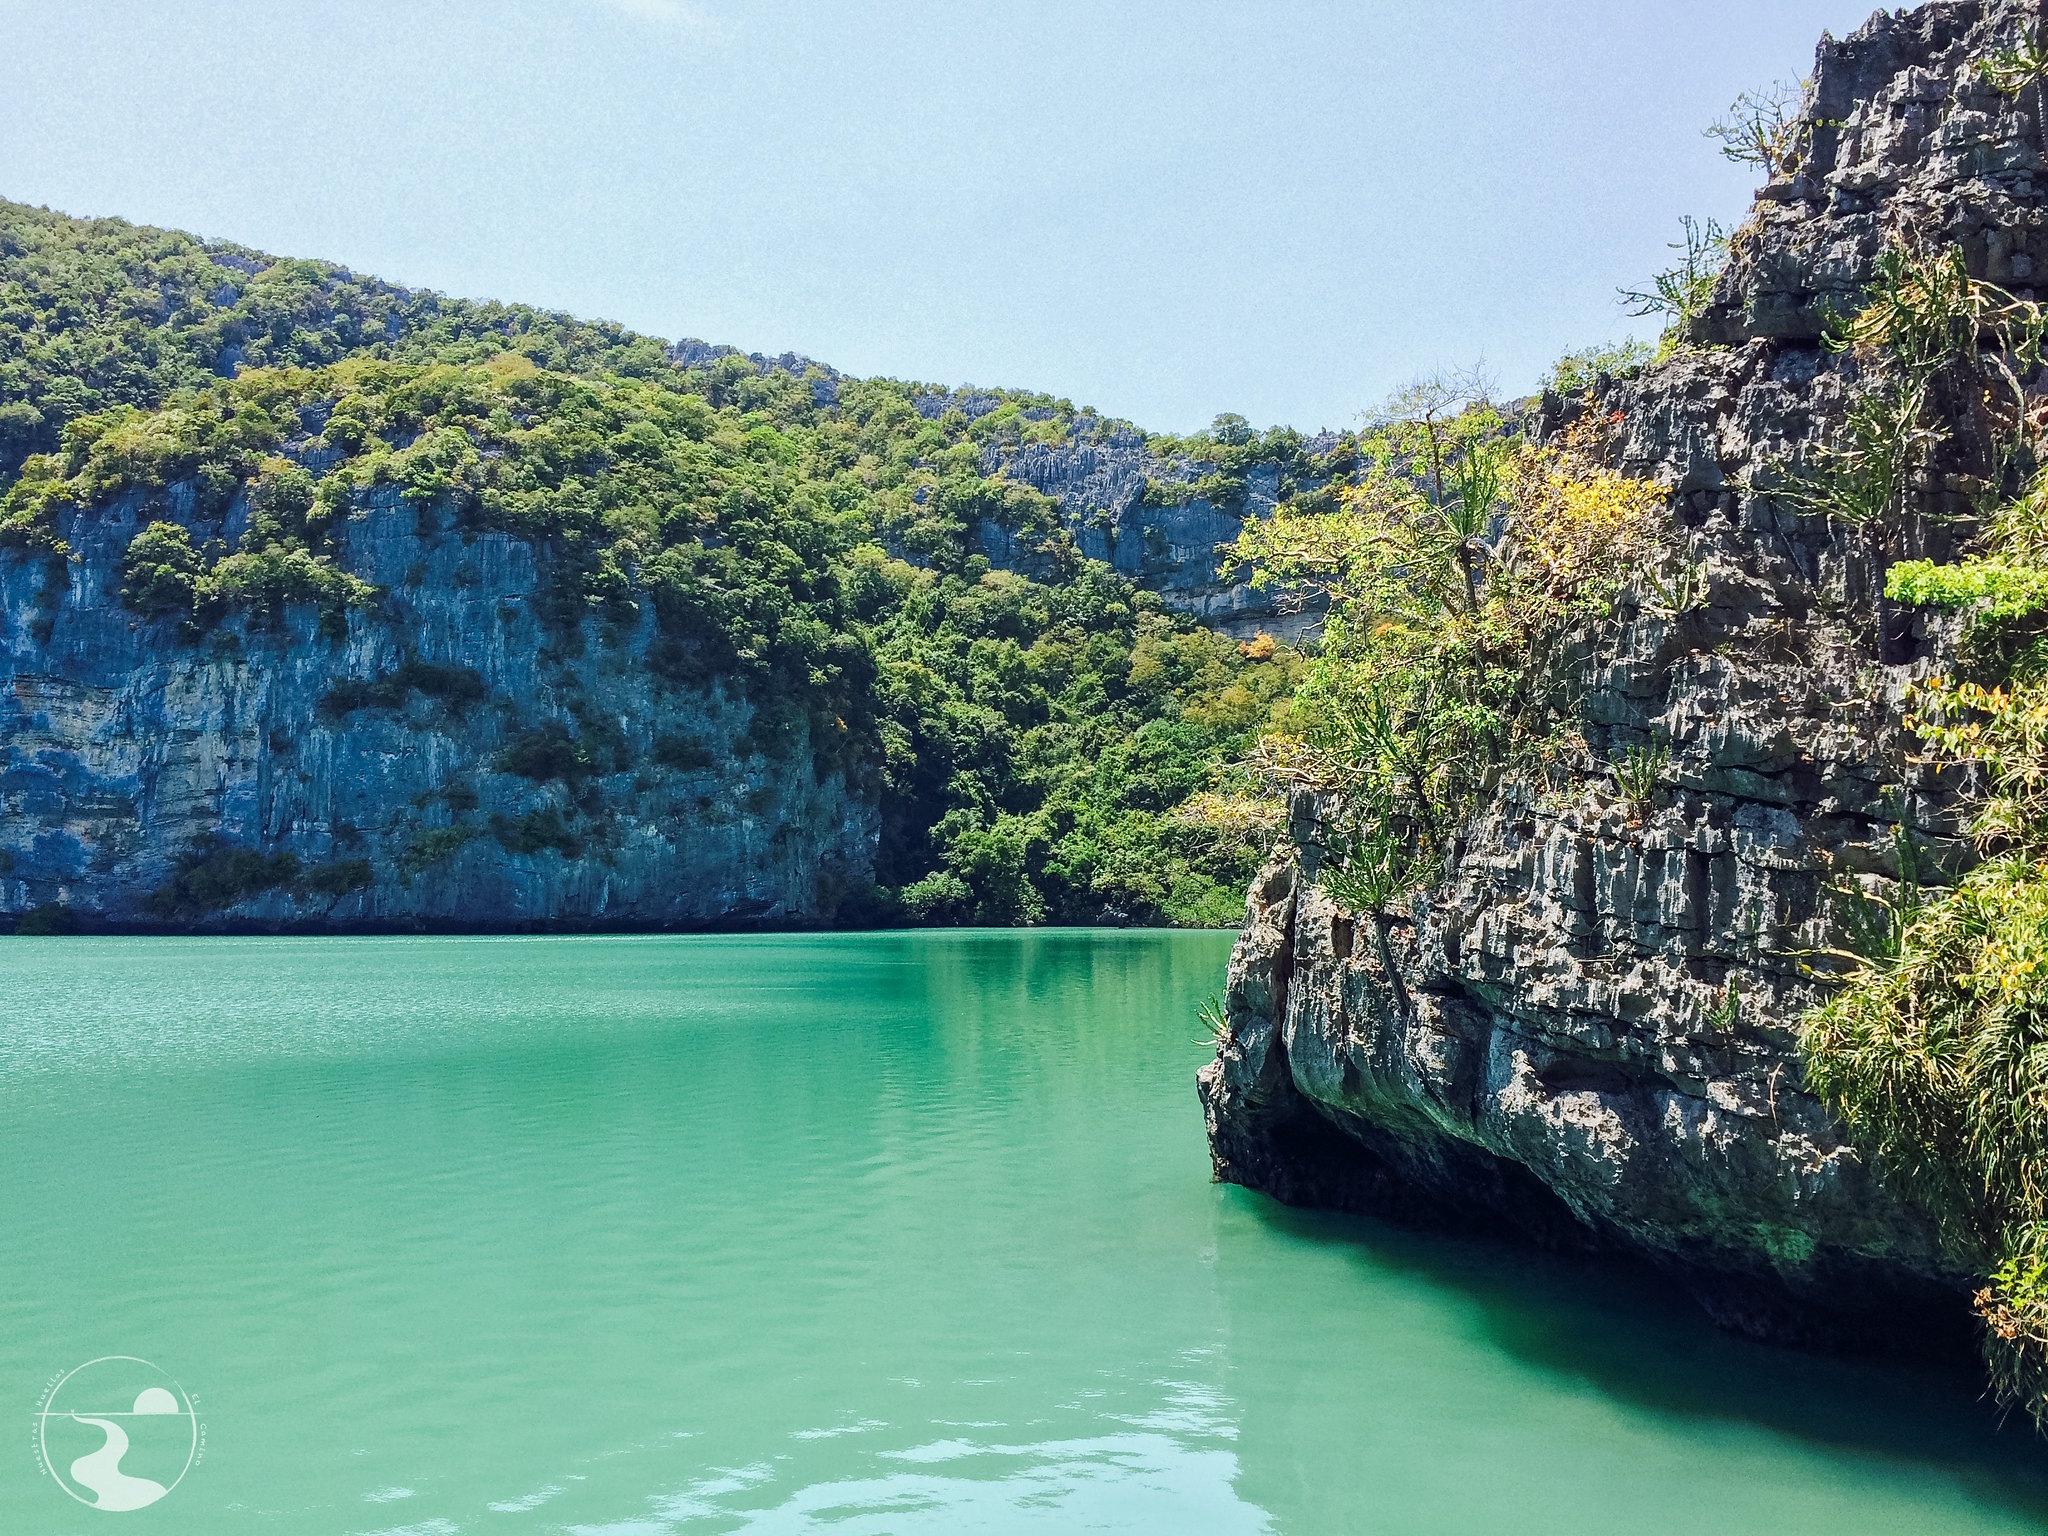 Emeral Lagoon, primer mirador